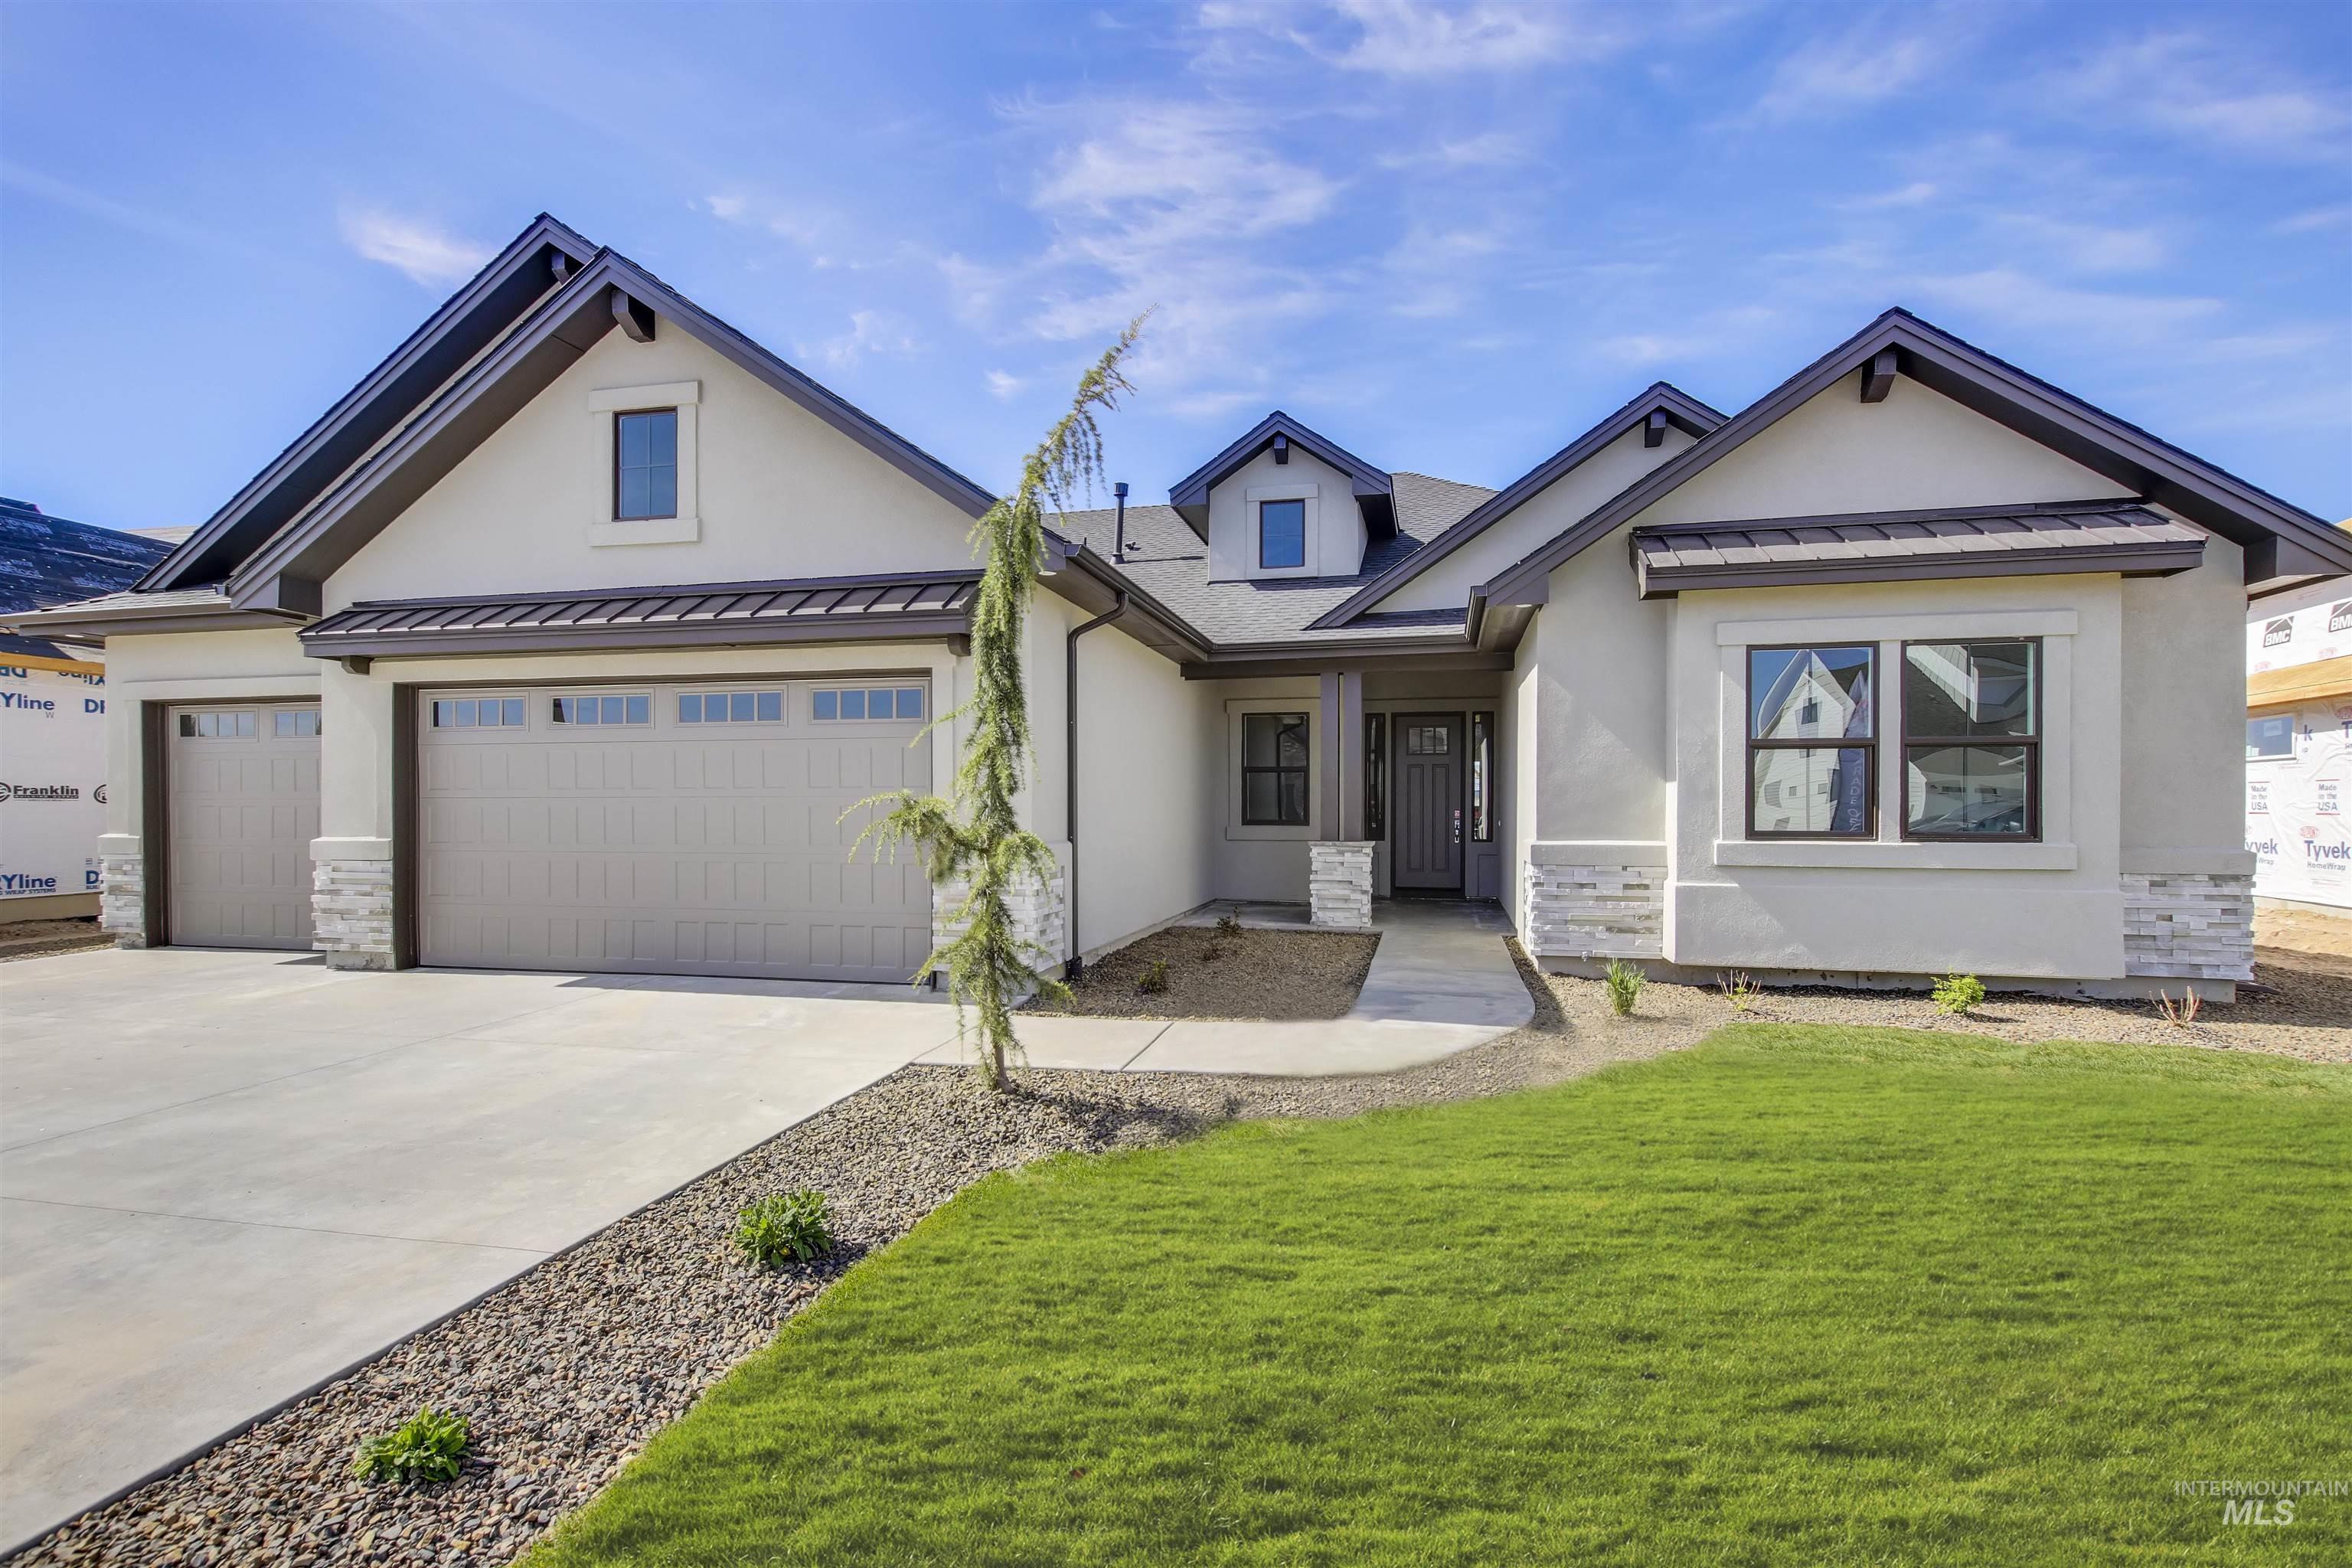 Calistoga Real Estate Listings Main Image